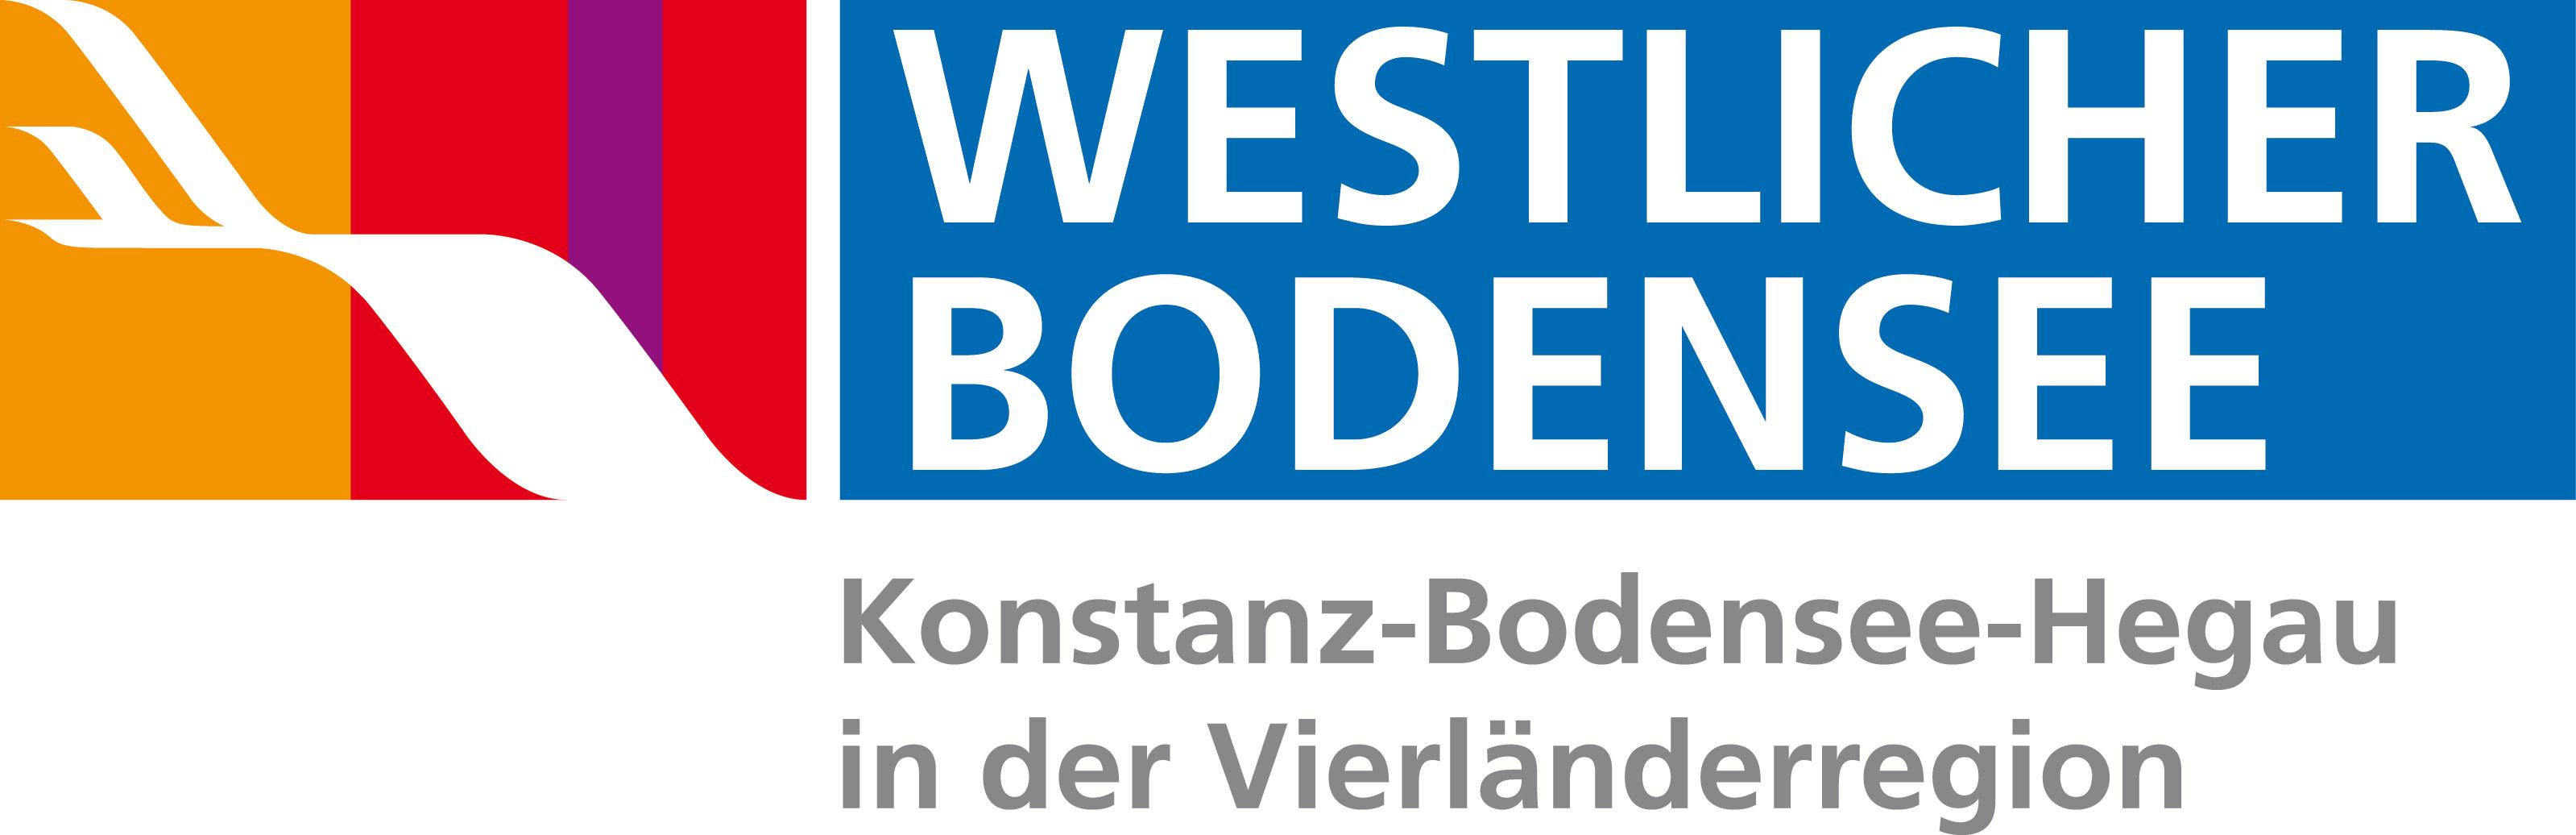 Neue Tourismusorganisation am westlichen Bodensee